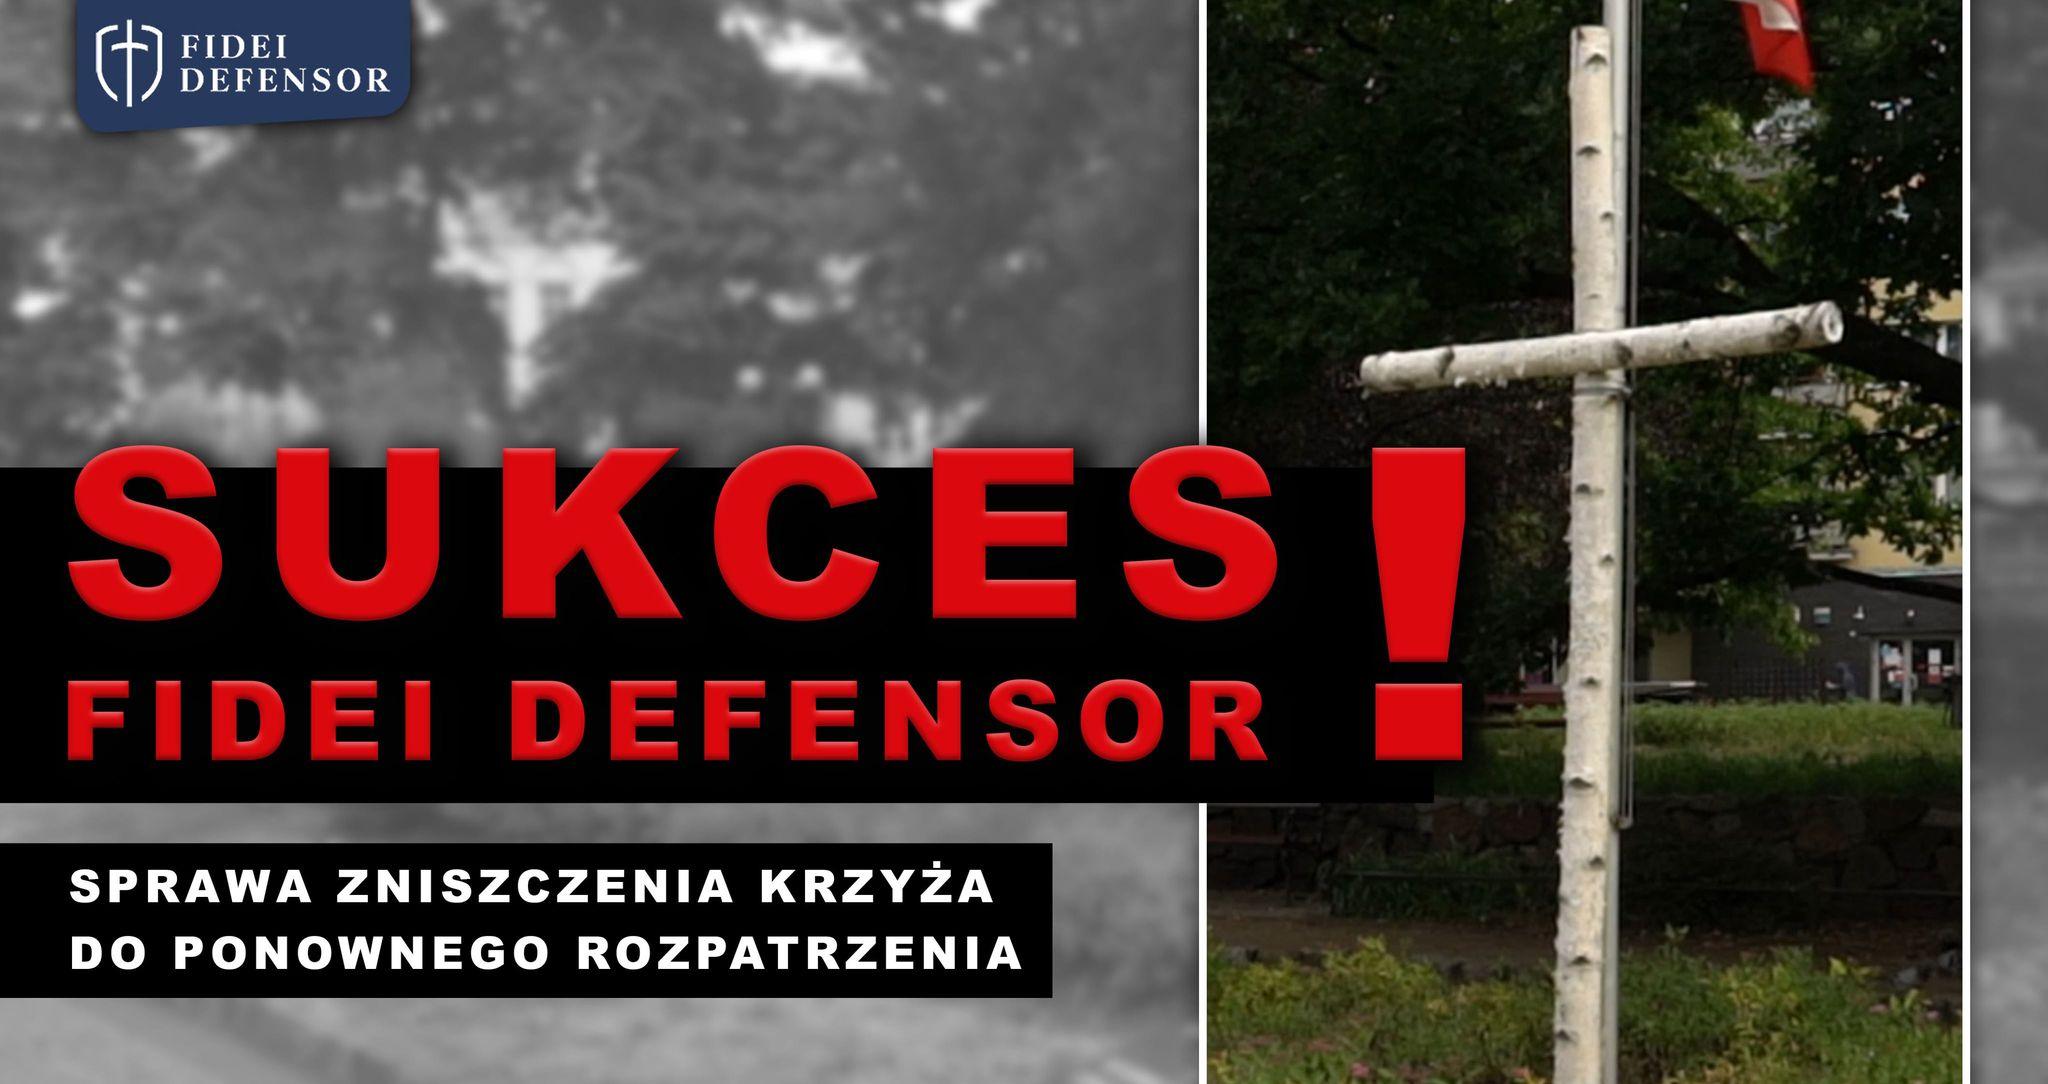 Pozytywne rozpatrzenie sprawy przez Sąd Okręgowy w Szczecinie w sprawie połamanego Krzyża